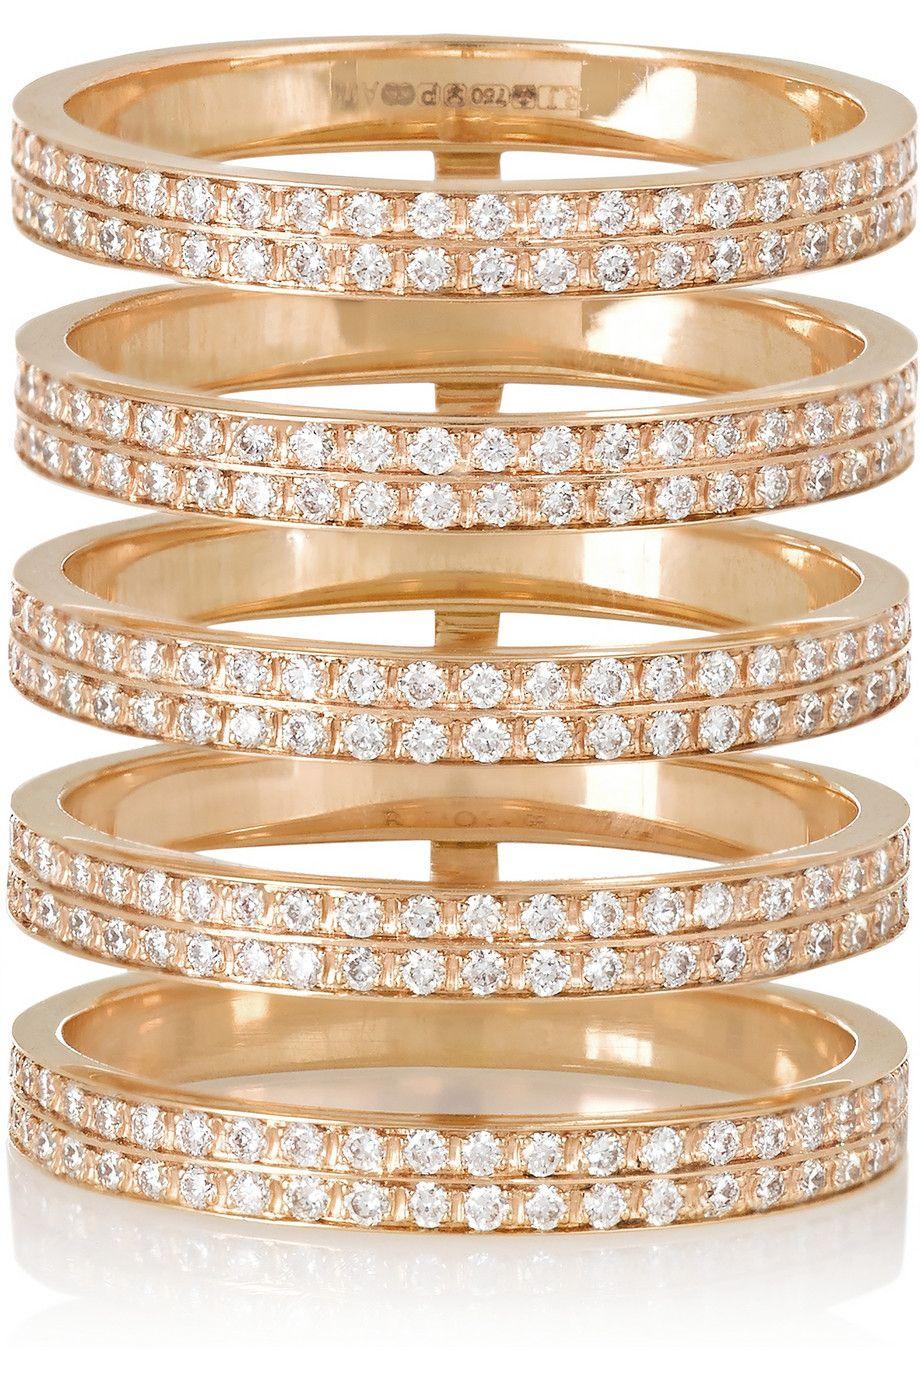 Berbre Technique 18 Carats Rose Bague En Diamant Or - 54 Repossi u2enrzh